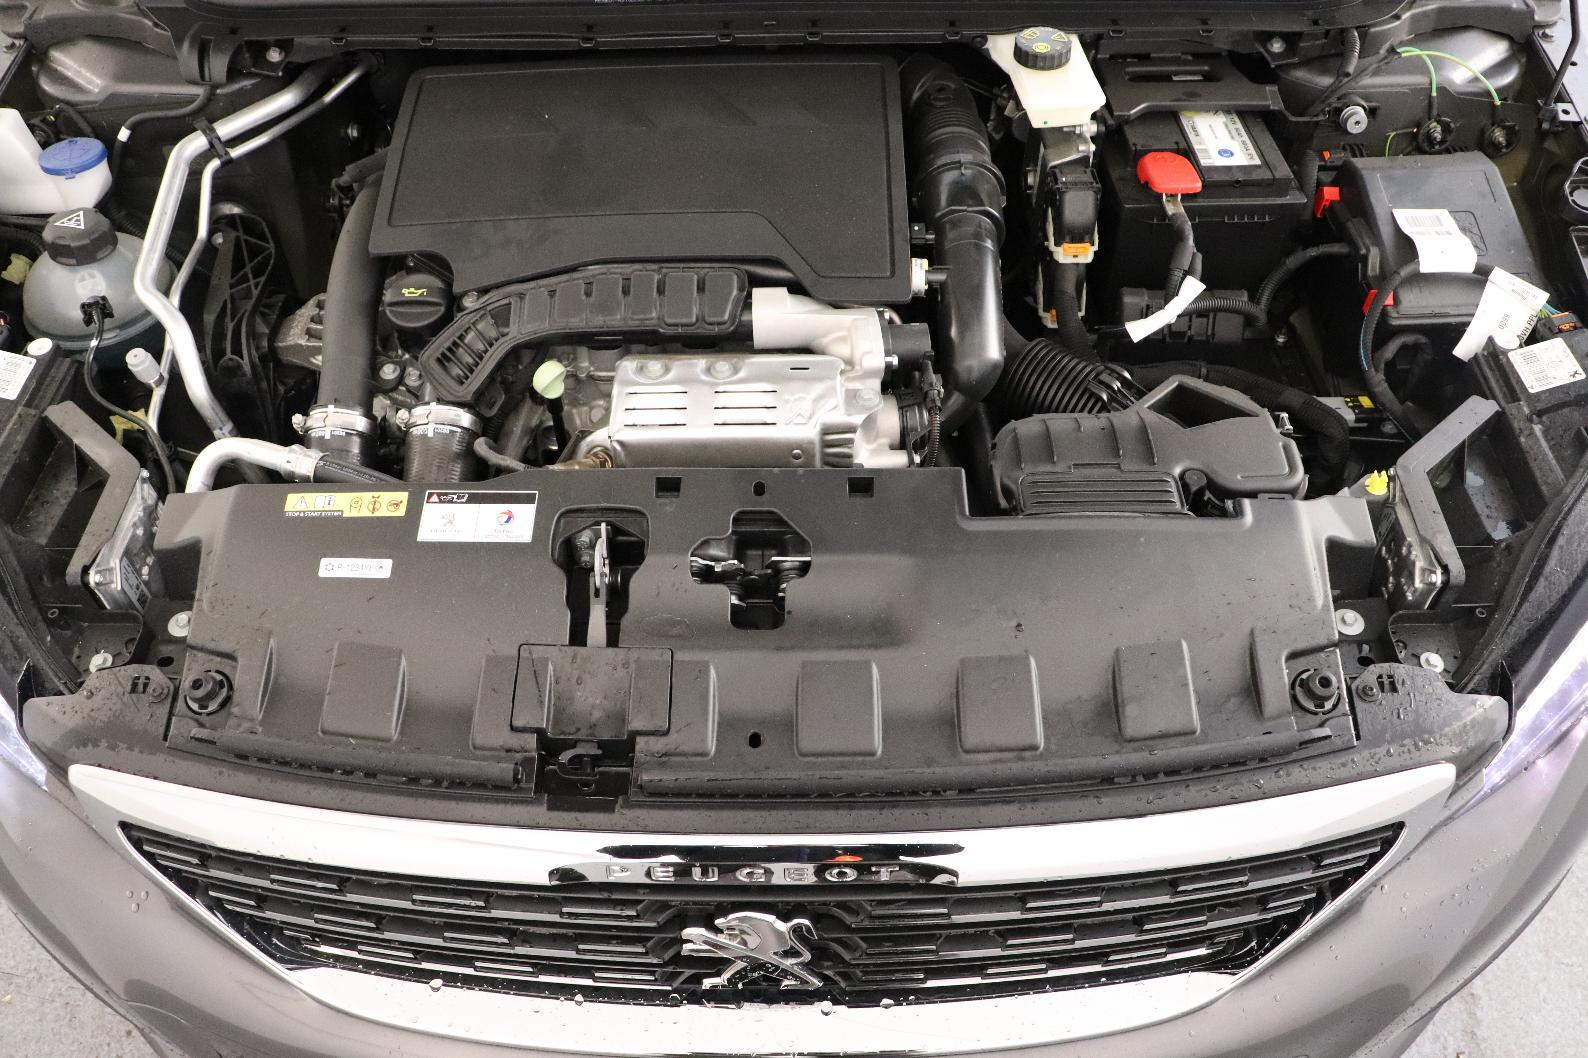 PEUGEOT 308 PureTech 130ch S&S BVM6 Allure